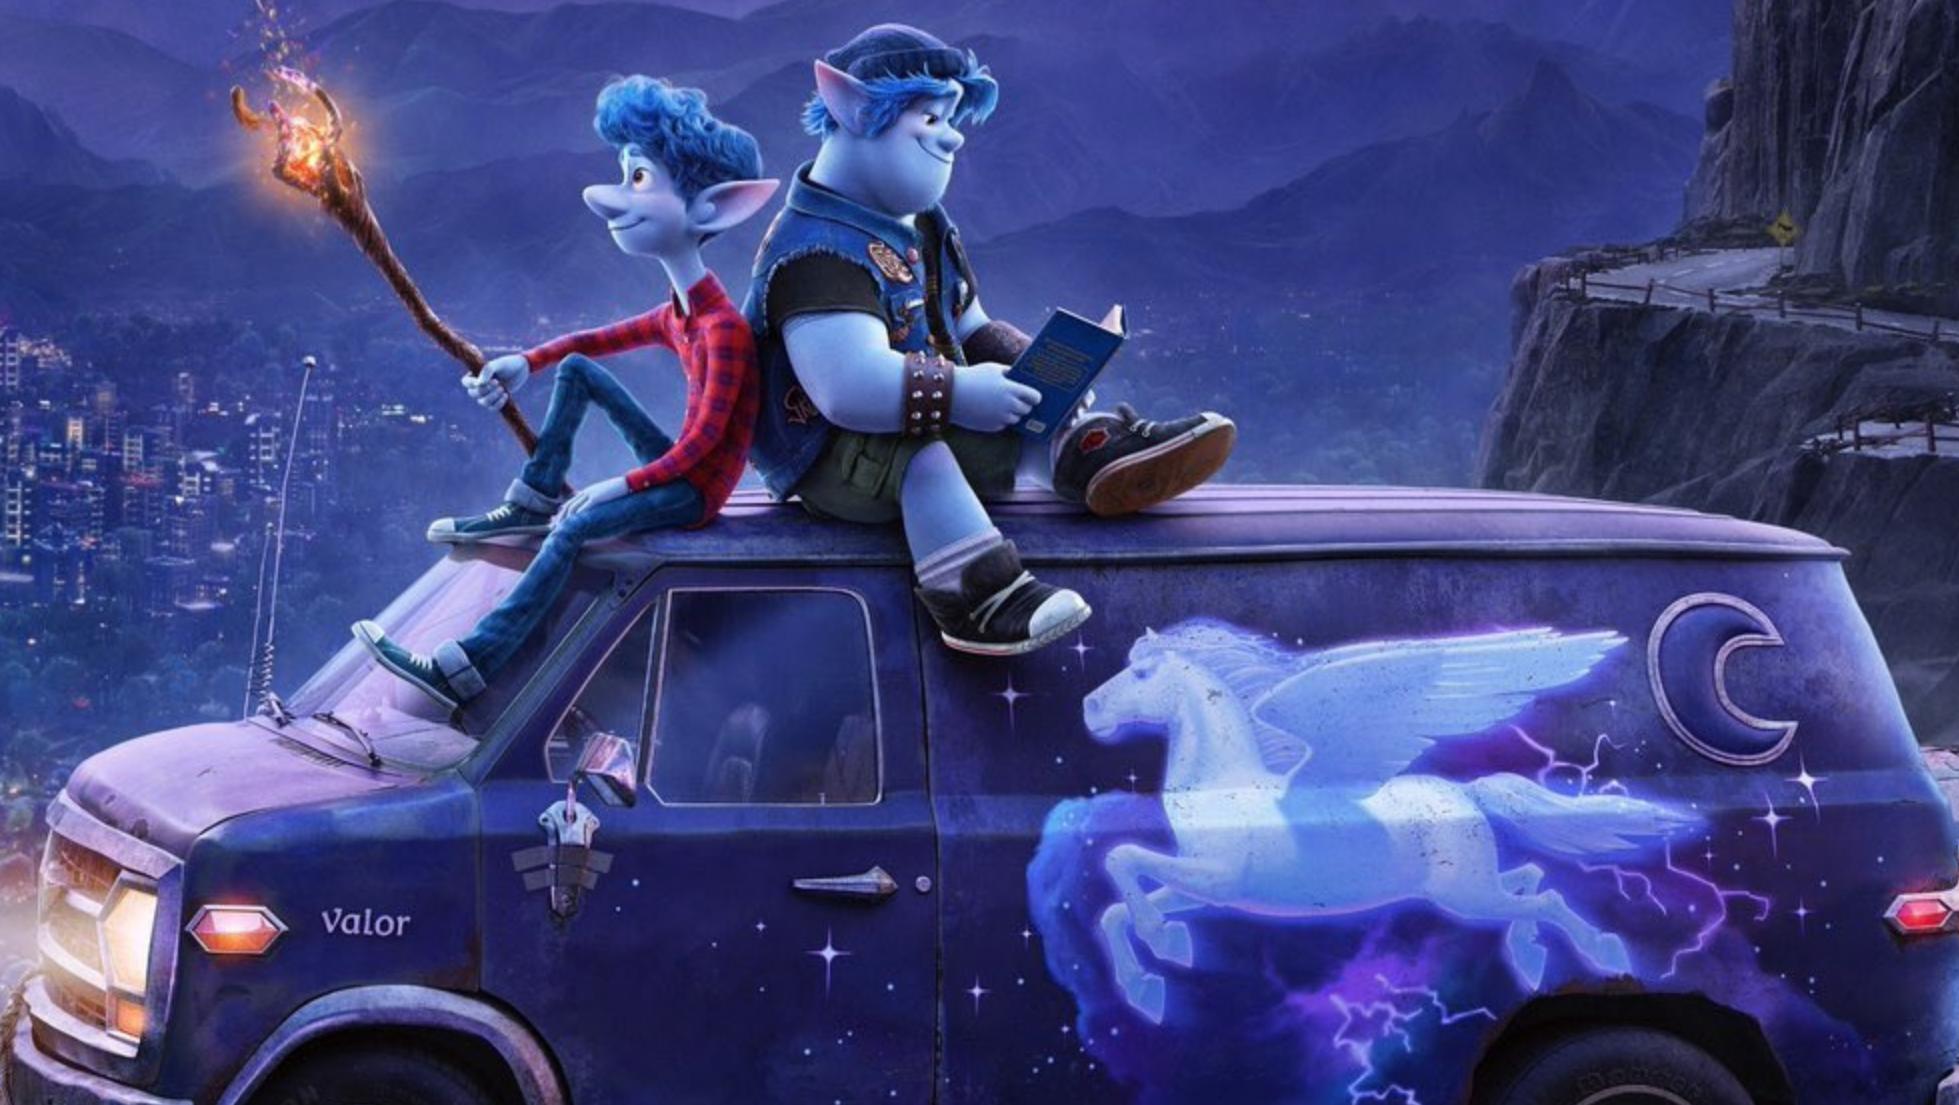 De två bröderna och deras trogna skåbil Guinevere i Framåt. Foto: Walt Disney Studios Motion Pictures.